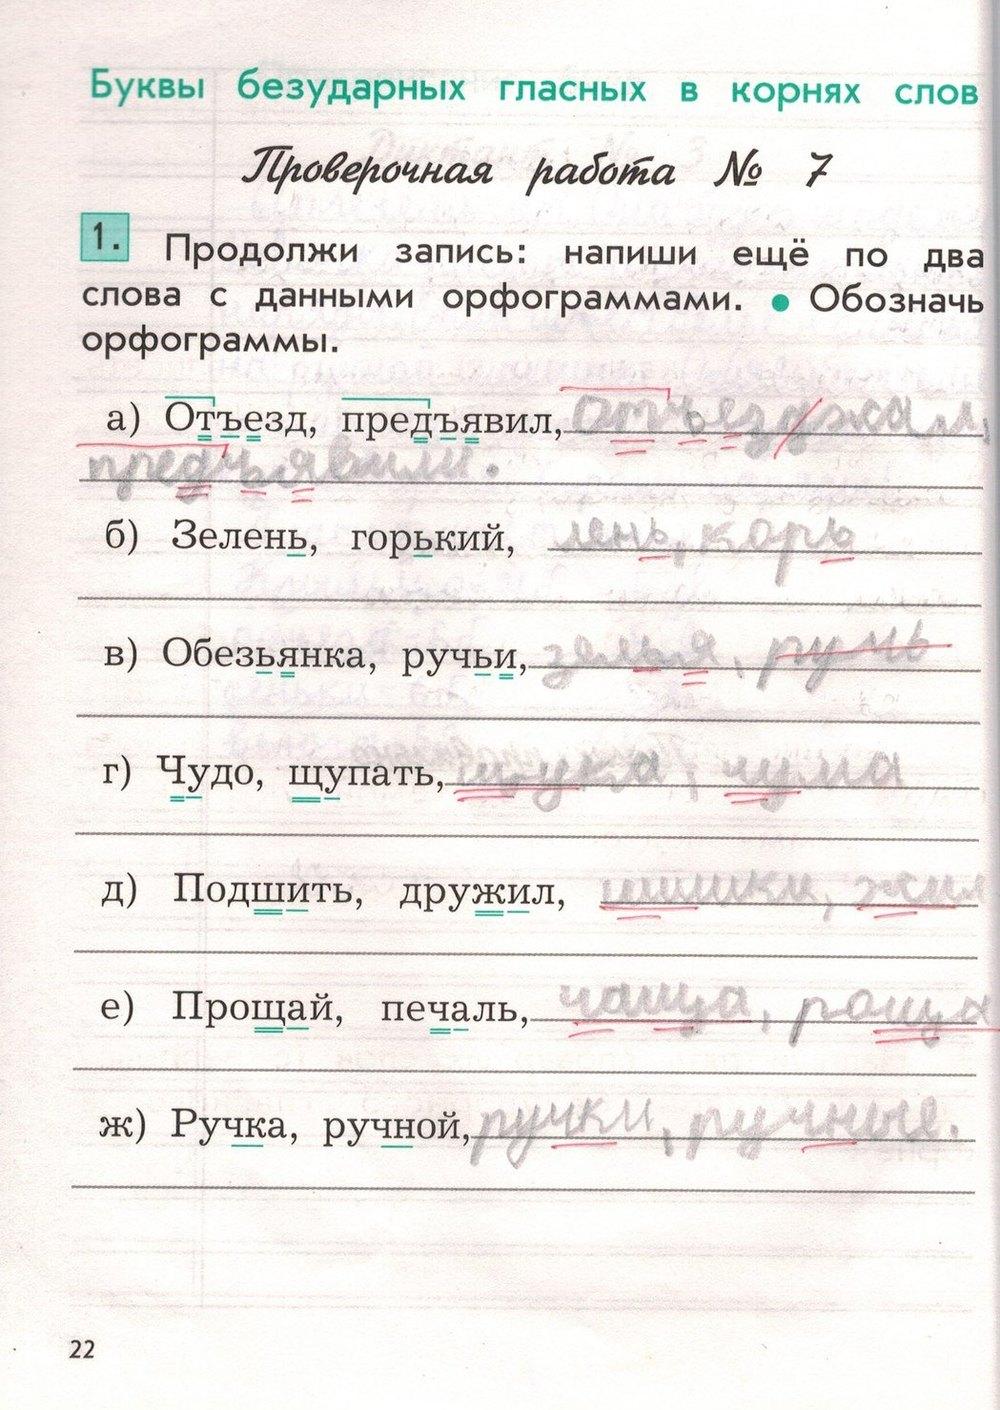 Решебник проверочные и контрольные работы по русскому языку 2 класс бунеева ответы